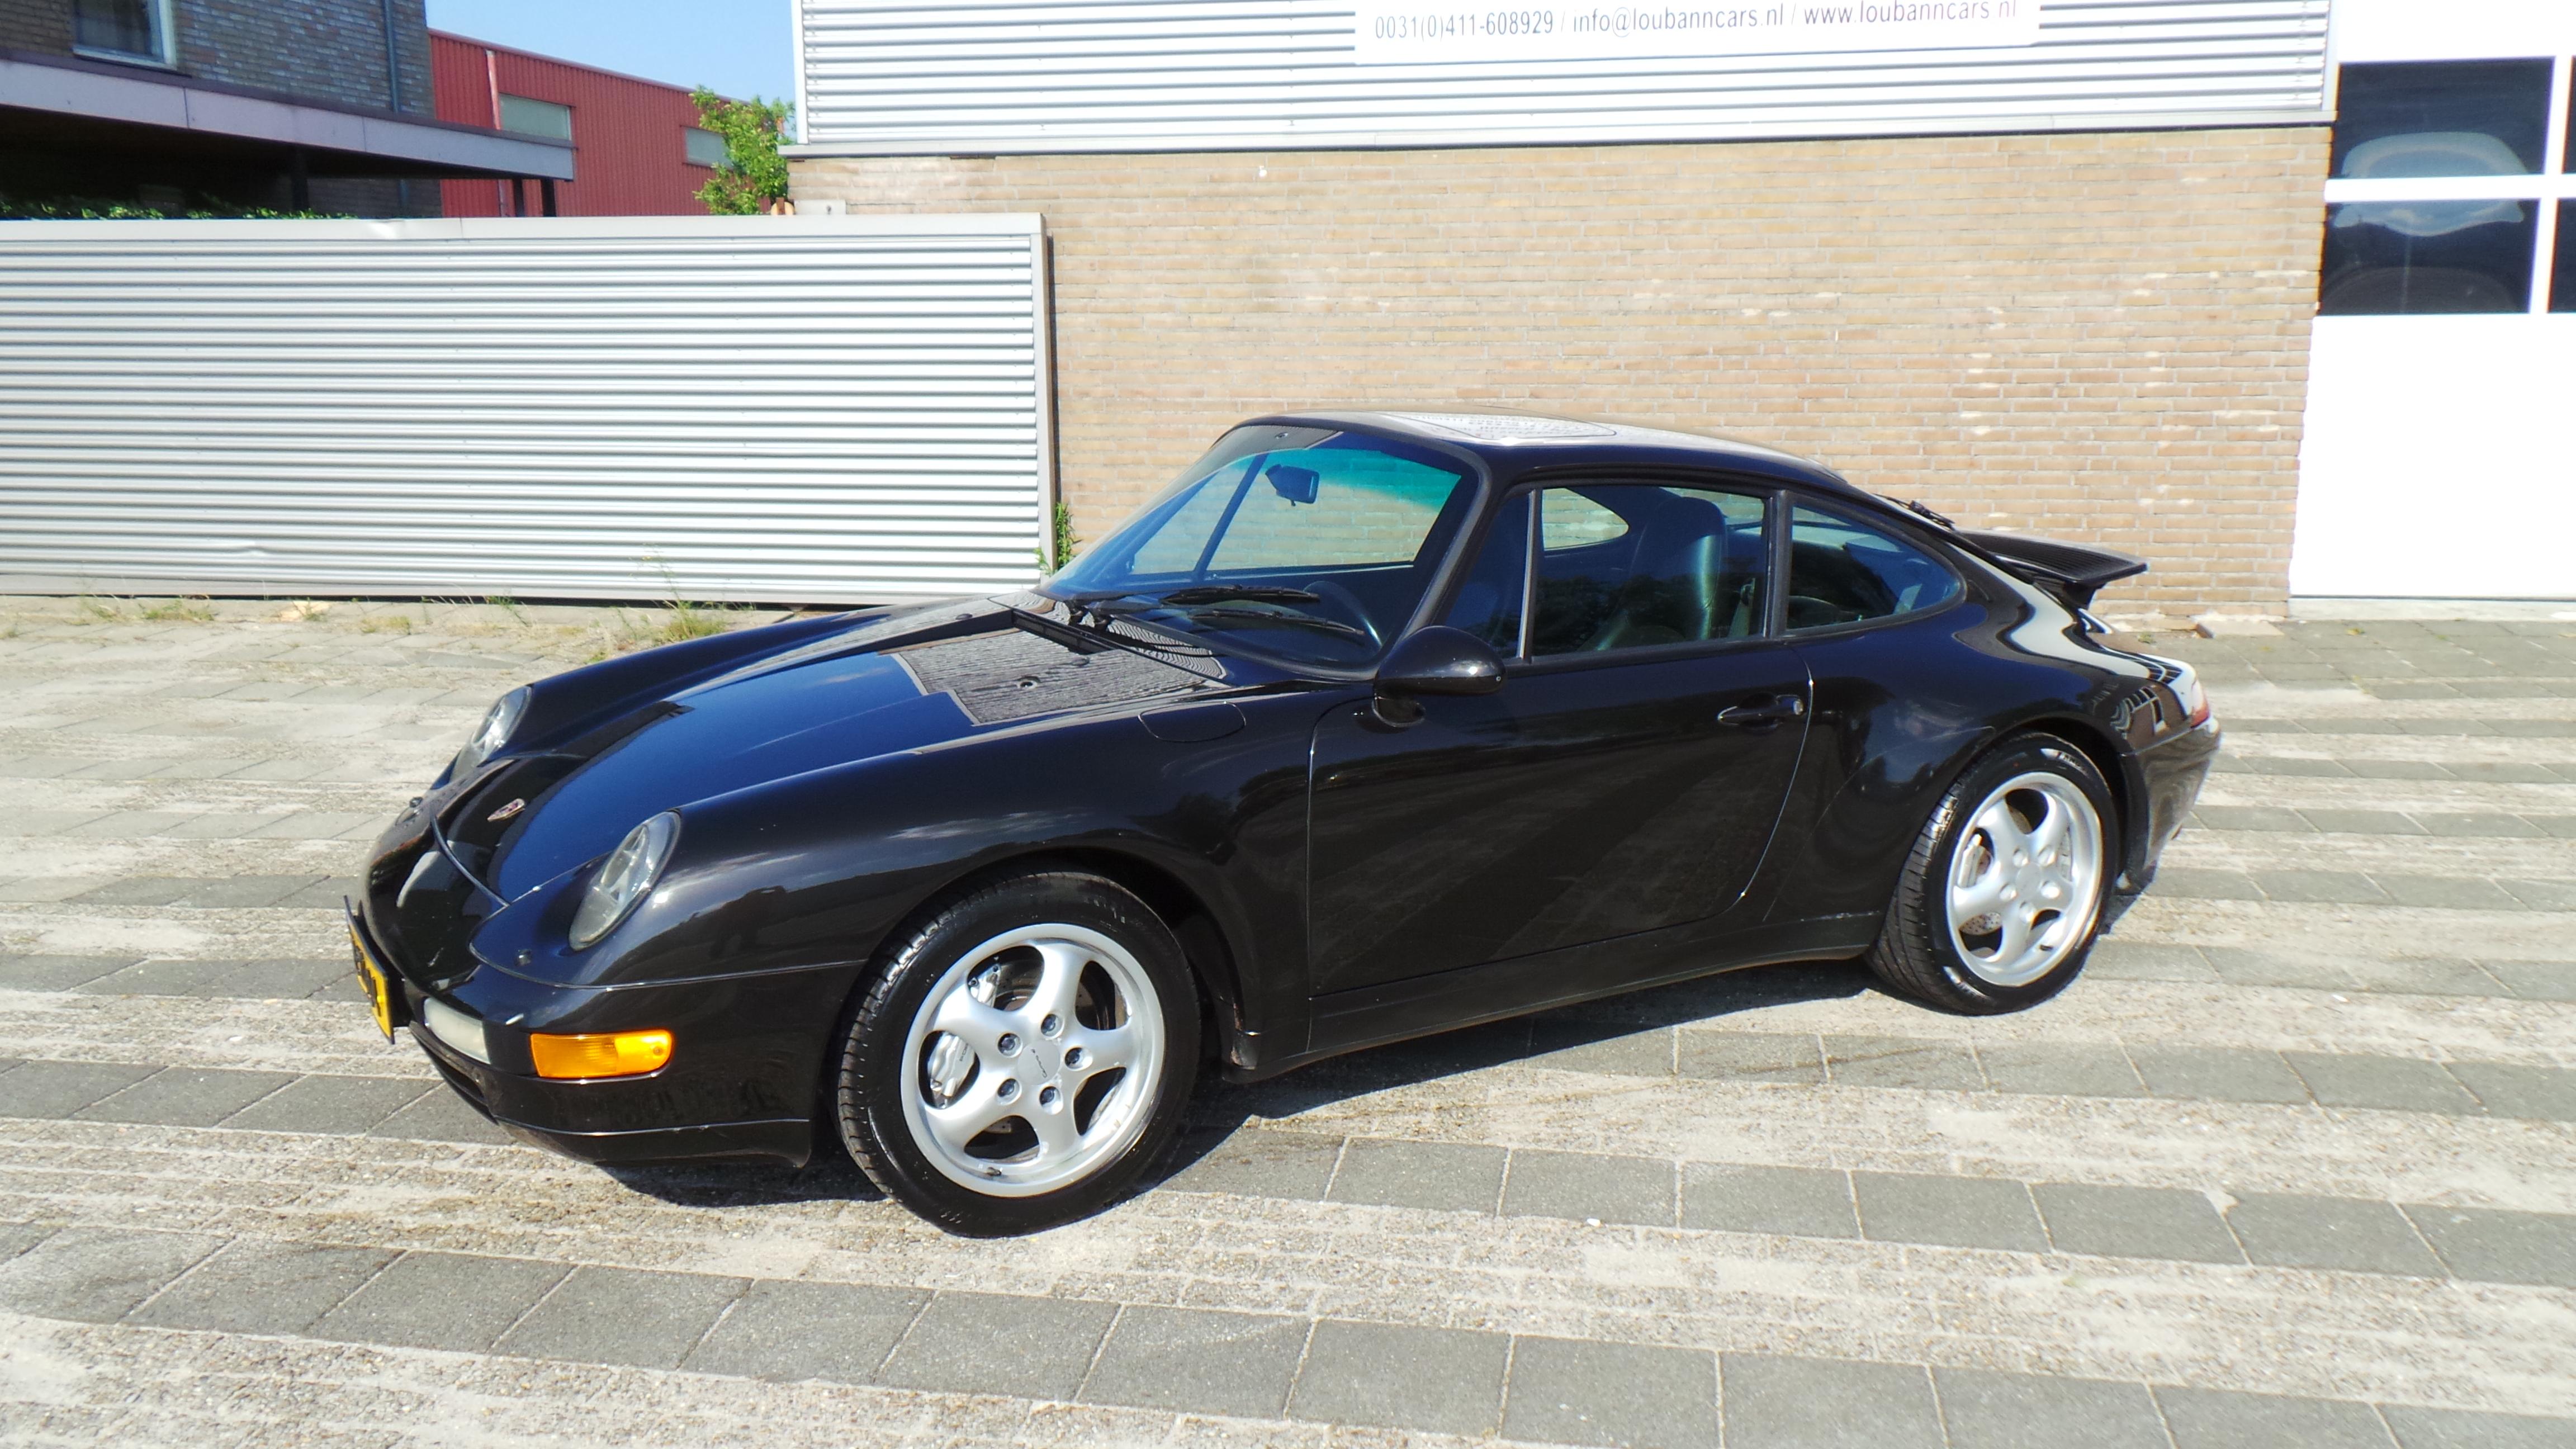 Porsche 911 3.6 Carrera 4 993 Coupe 1995 Handgeschakeld